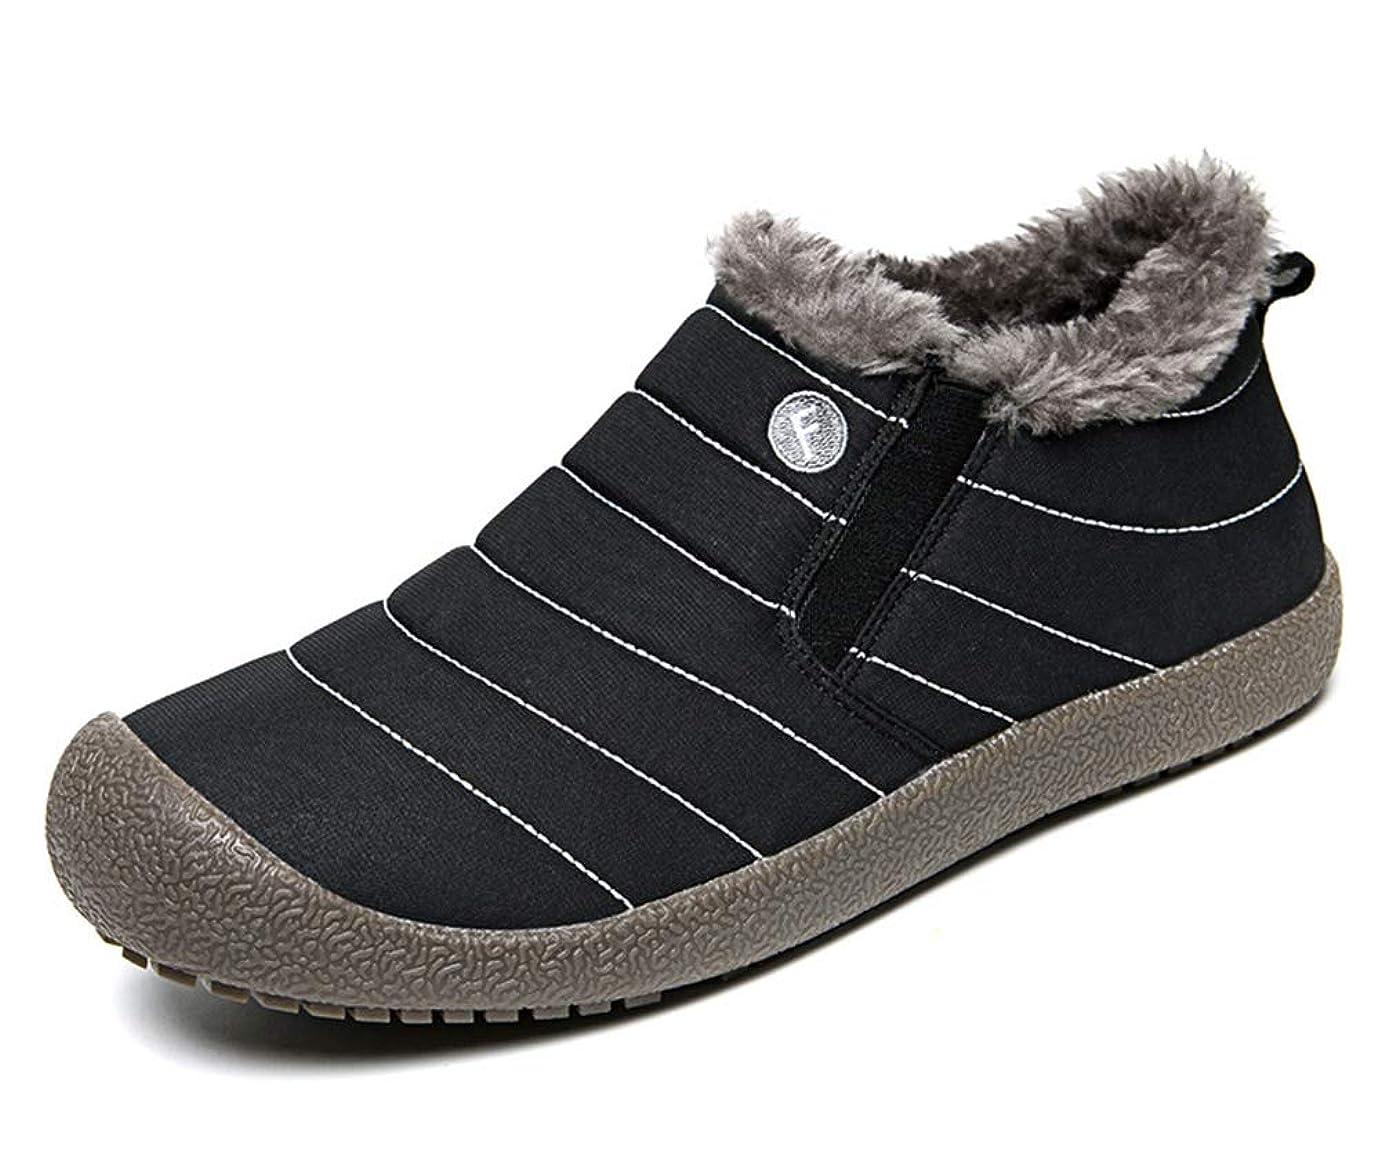 ループ排除バルコニースノーシューズ レディース メンズ 防水 防寒 防滑の綿靴 雪靴 通学 通勤用 メンズシューズ ブーツ